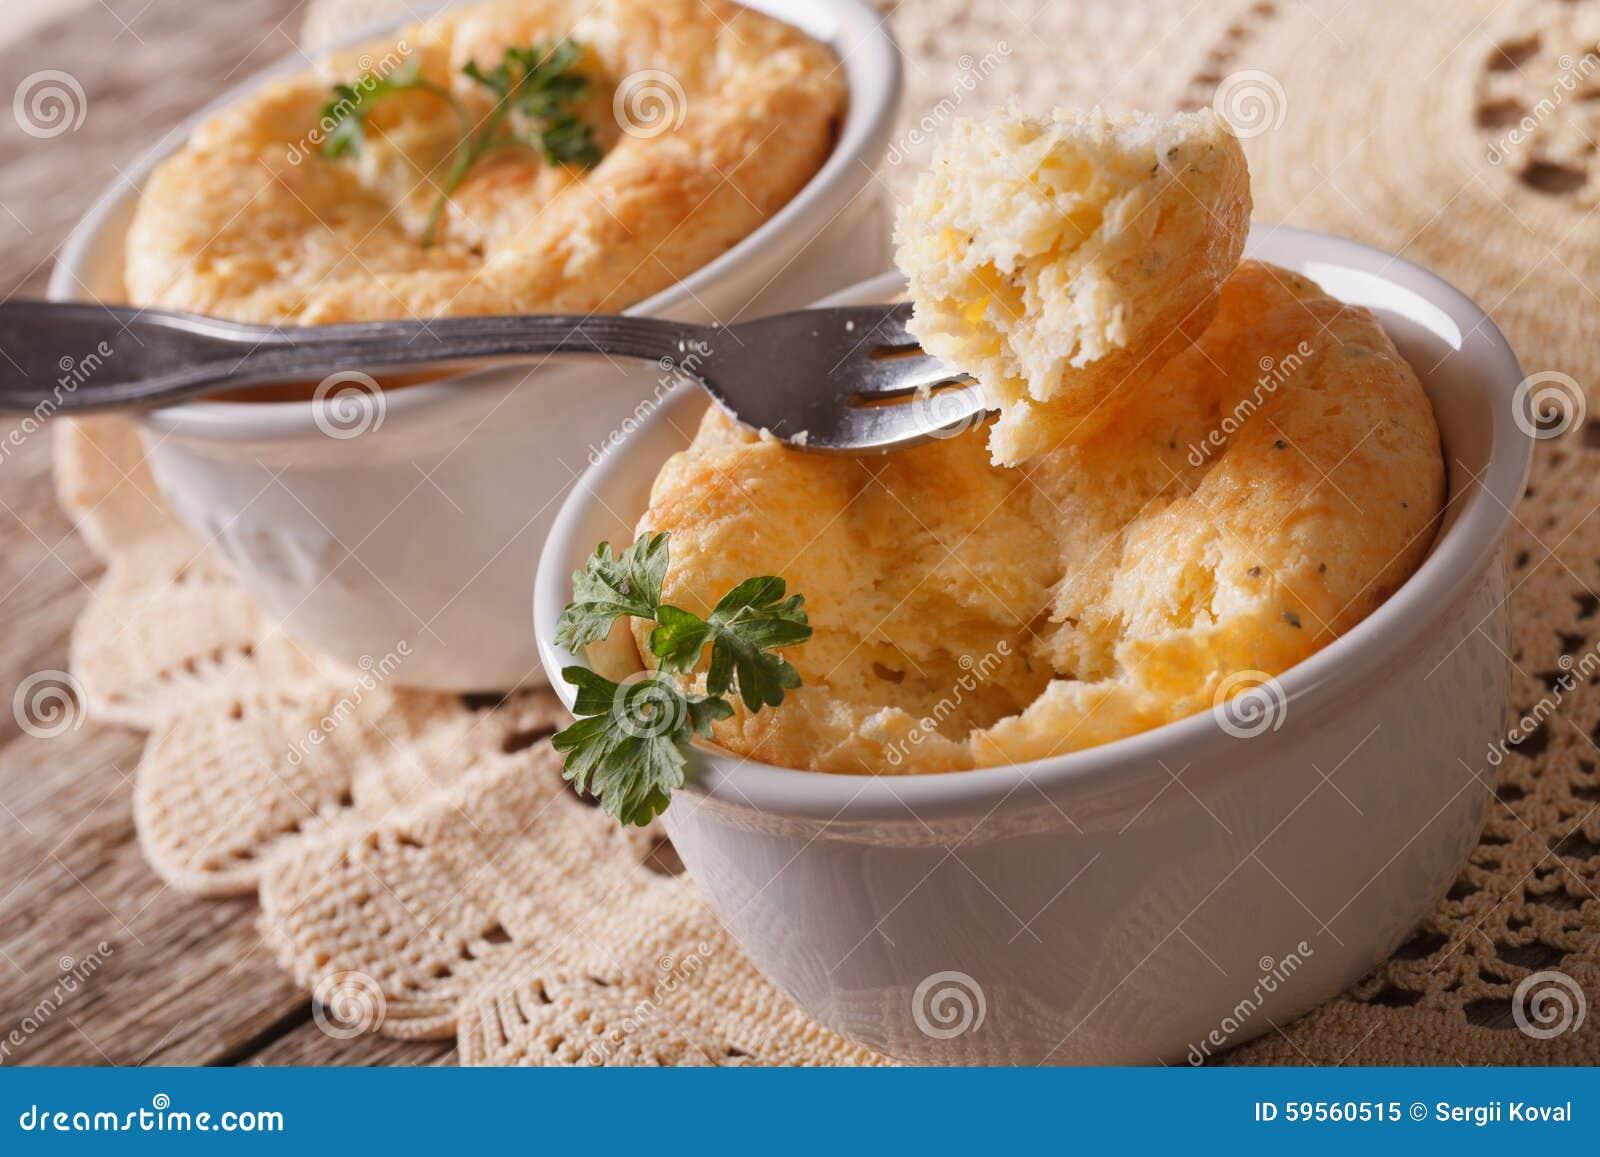 Wyśmienicie serowy souffle w białym ramekin zakończeniu horyzontalny